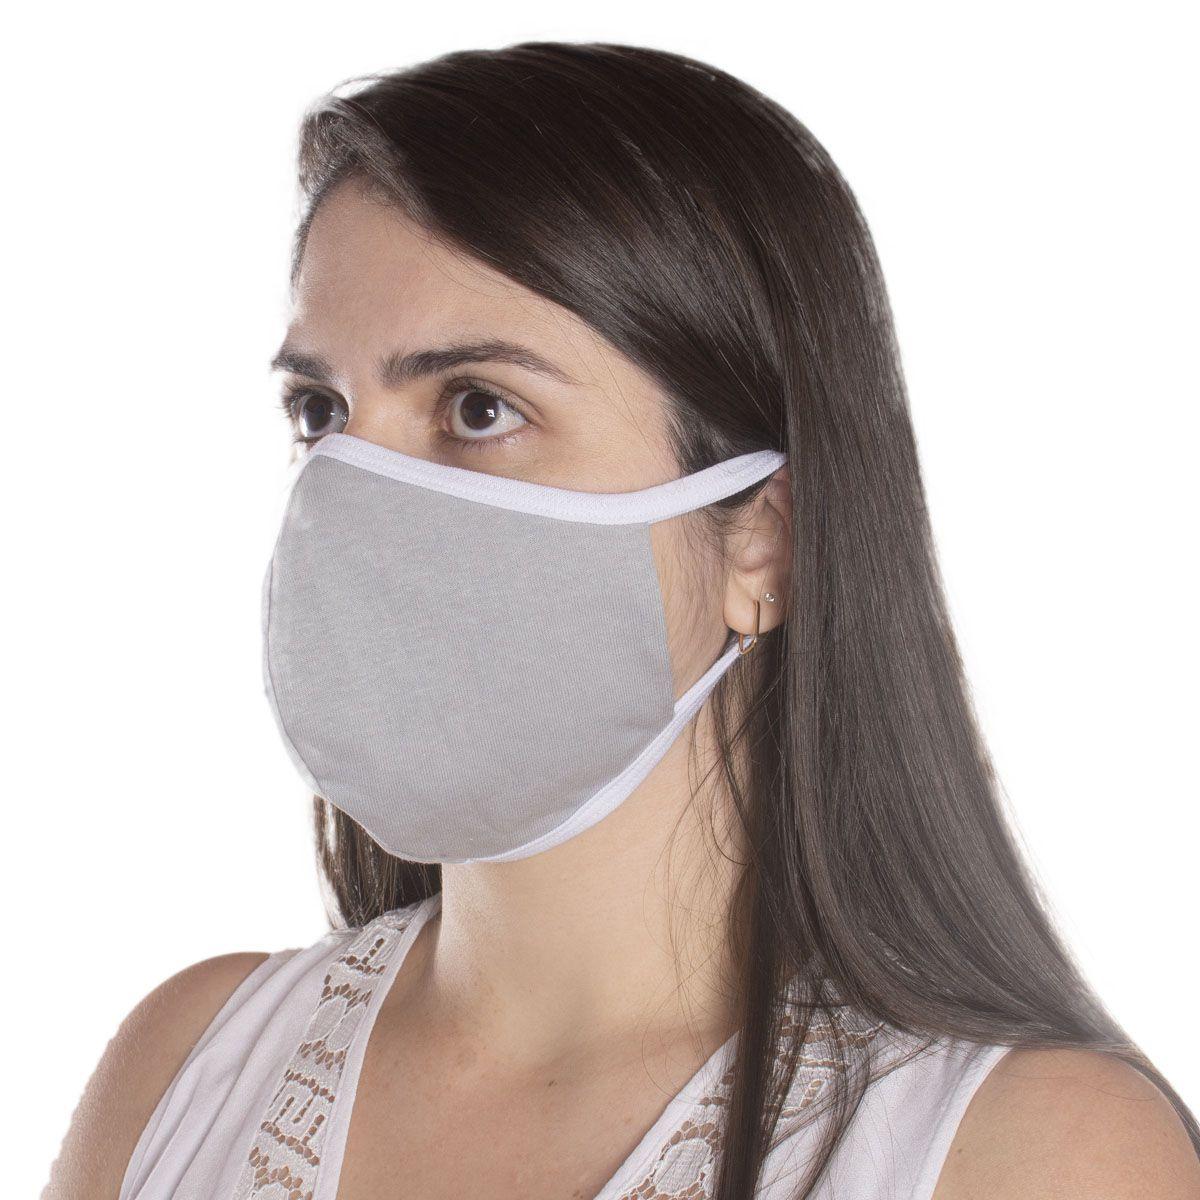 Kit com 1000 Máscaras de Proteção NINJA em Algodão Reutilizável